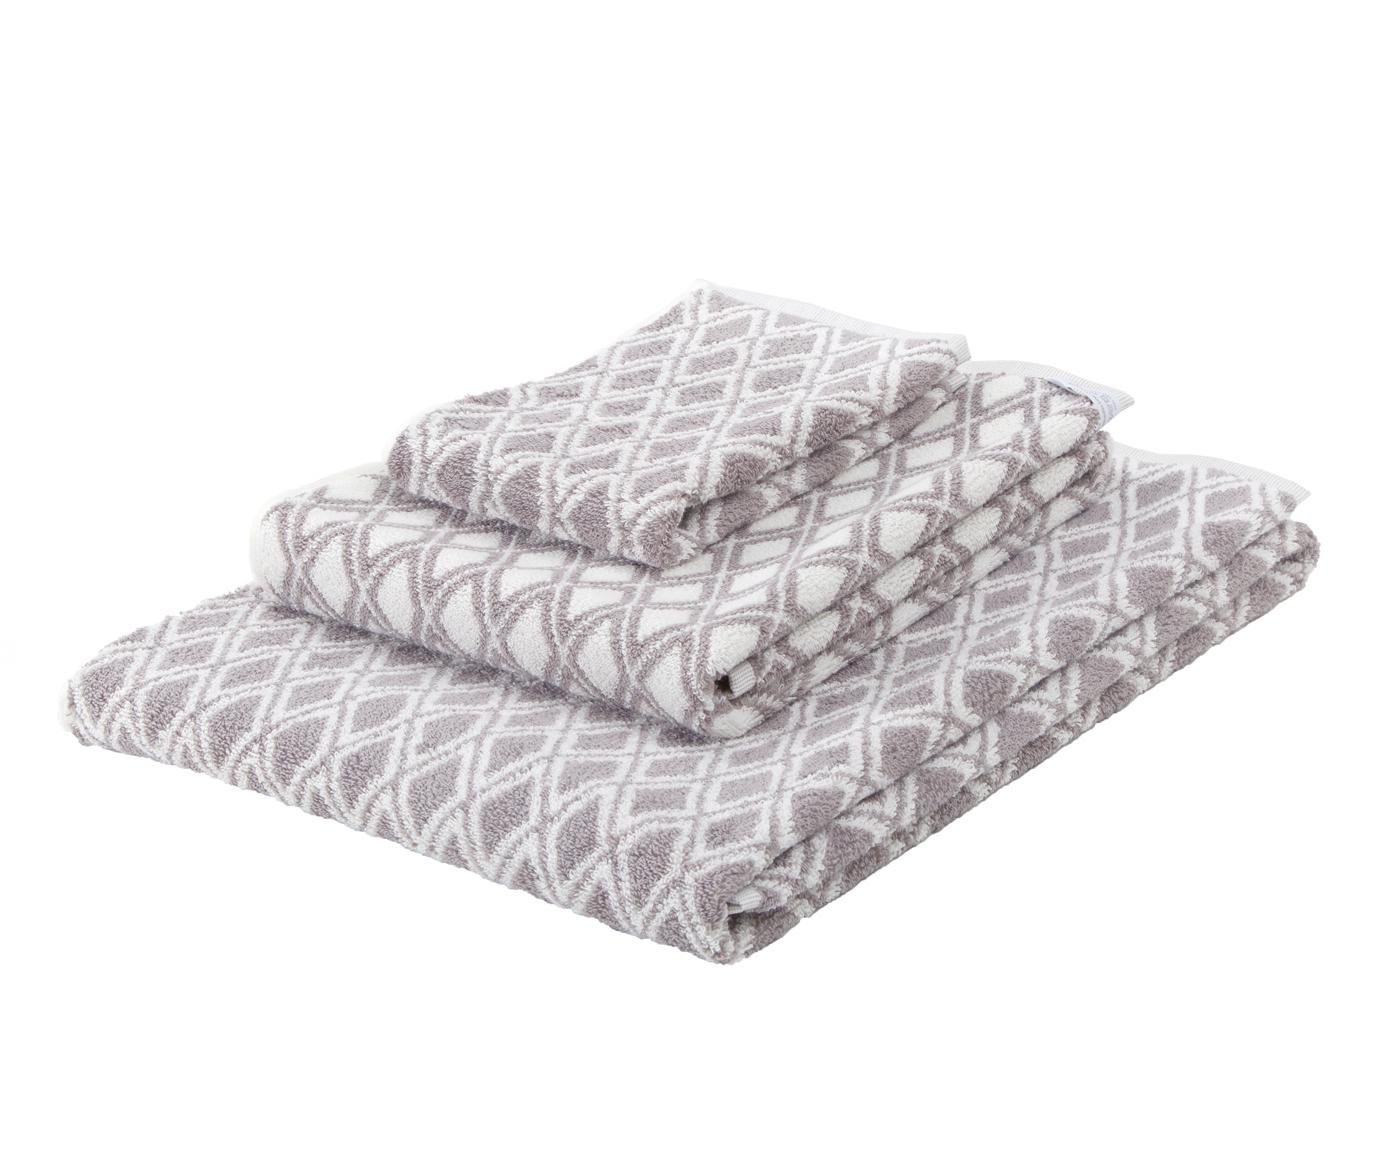 Komplet dwustronnych ręczników Ava, 3elem., Taupe, kremowobiały, Różne rozmiary